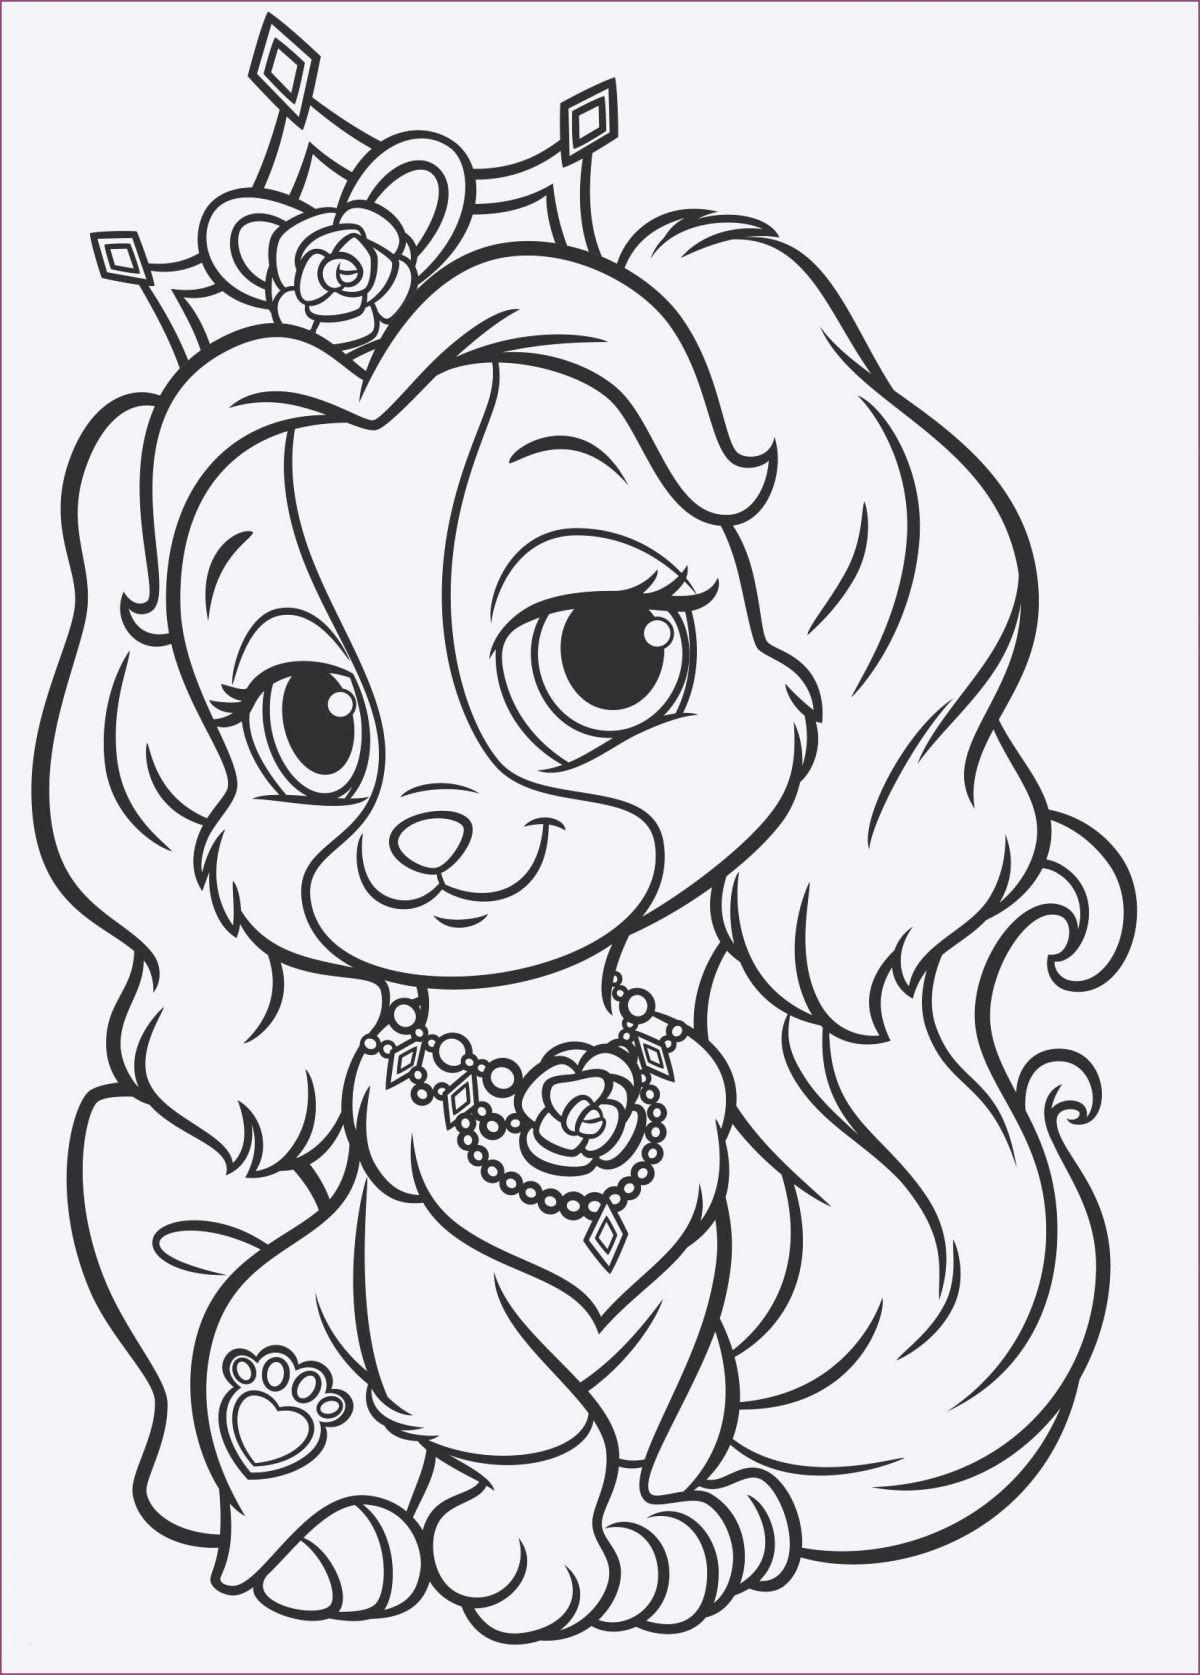 Disney Princess Ausmalbilder Frisch Ausmalbilder Disney Prinzessinnen Ariel Elegant Malvorlagen Gratis Fotografieren